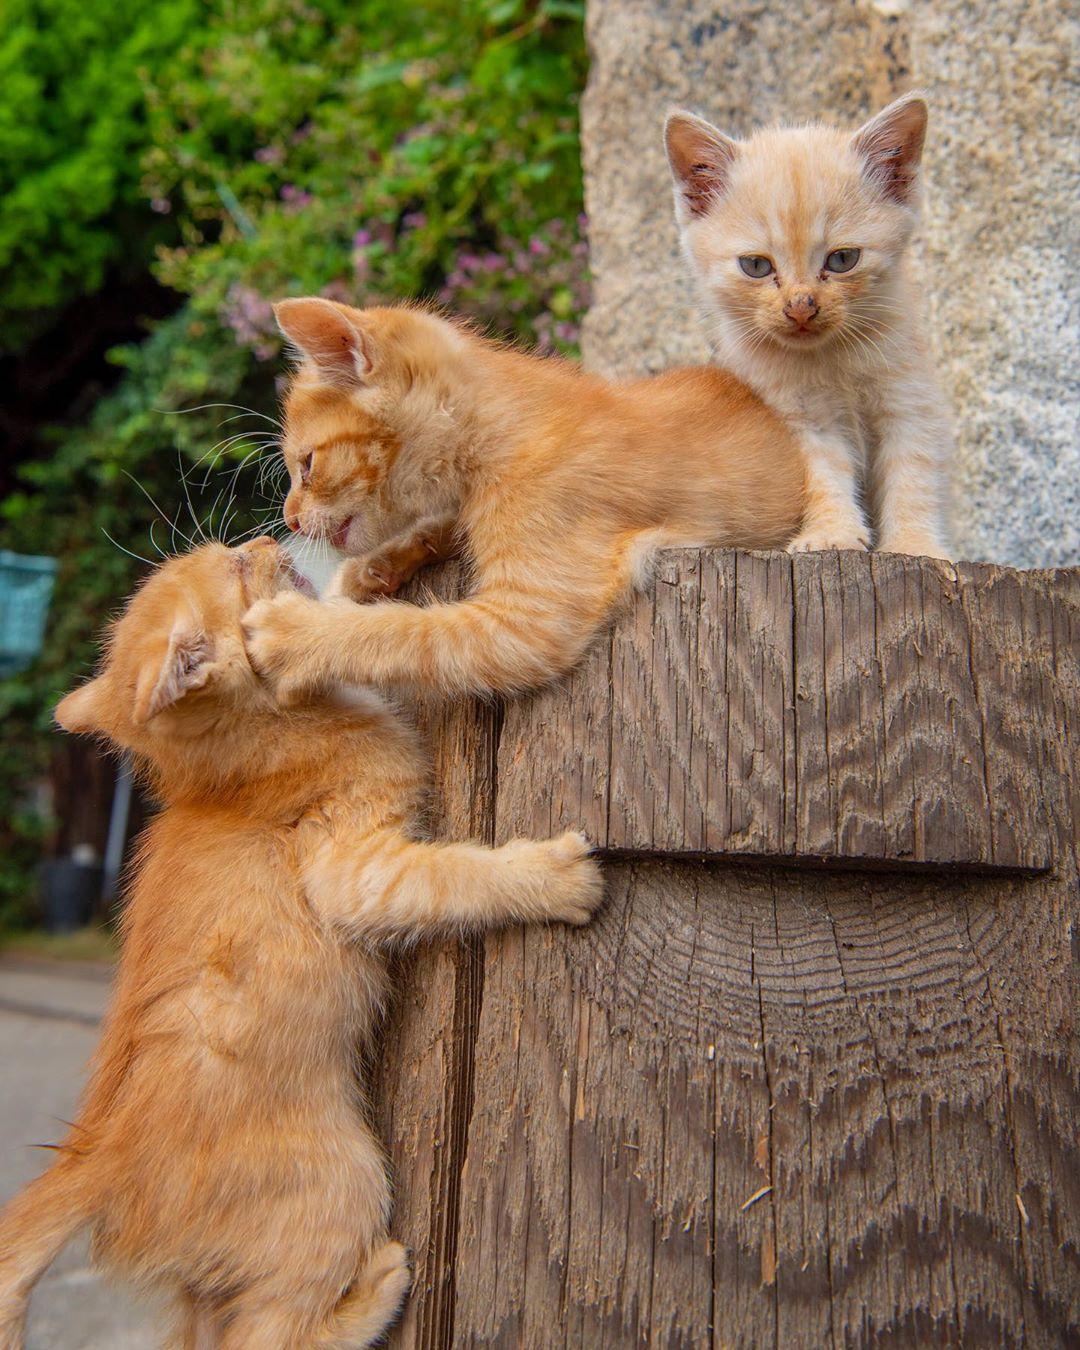 萌貓「近距離特寫」網爆紅 腿開開「露出小蜜桃」貓奴全融化!